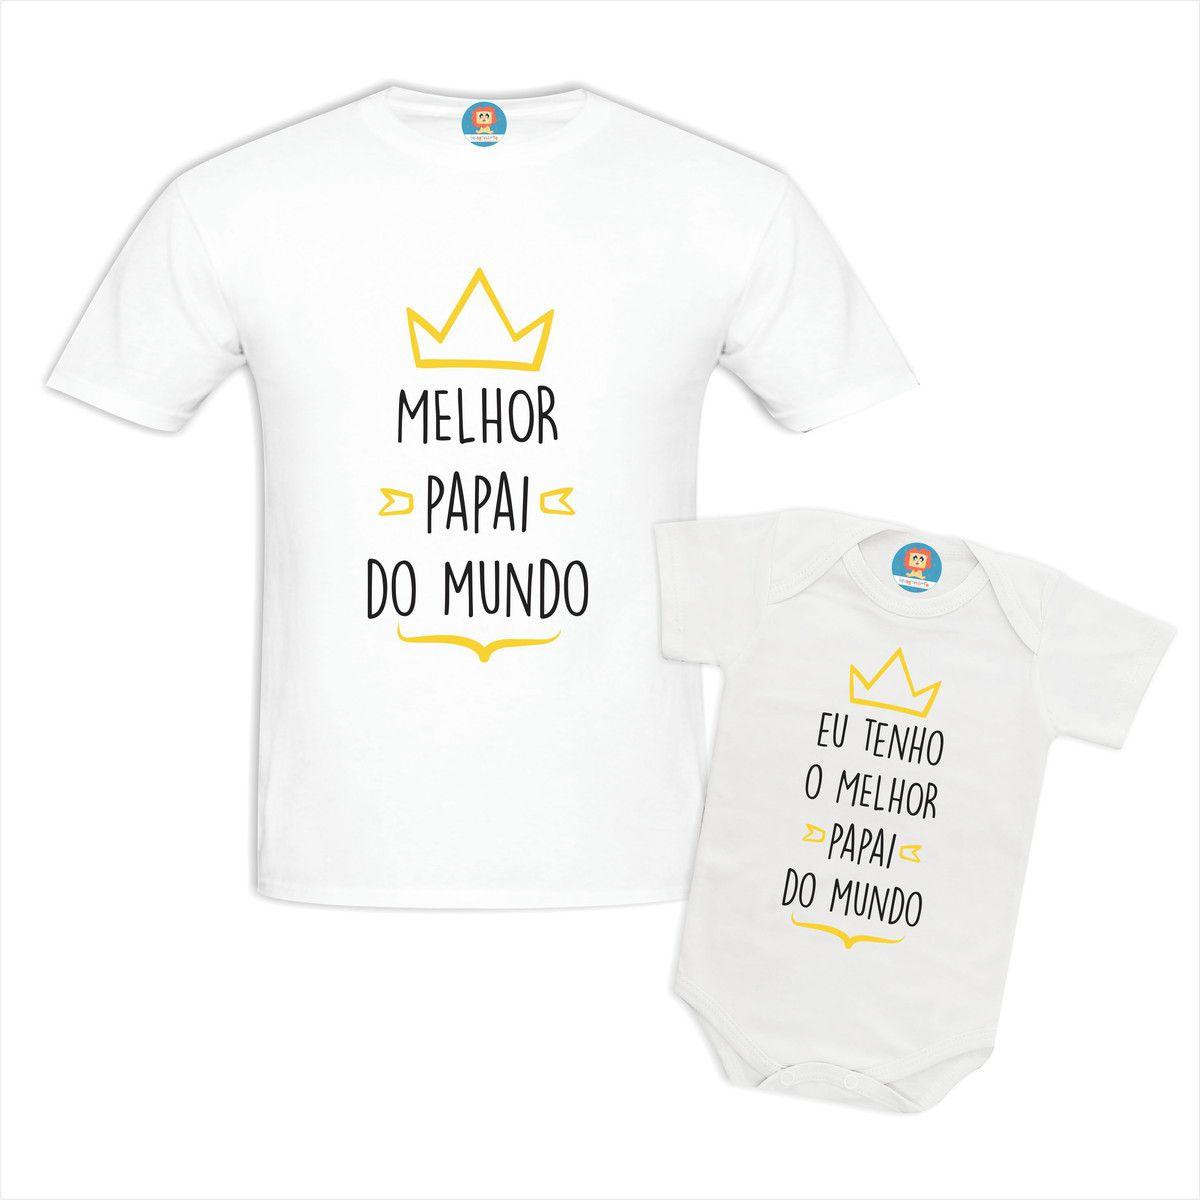 Kit Camiseta e Body Eu Tenho O Melhor Papai do Mundo